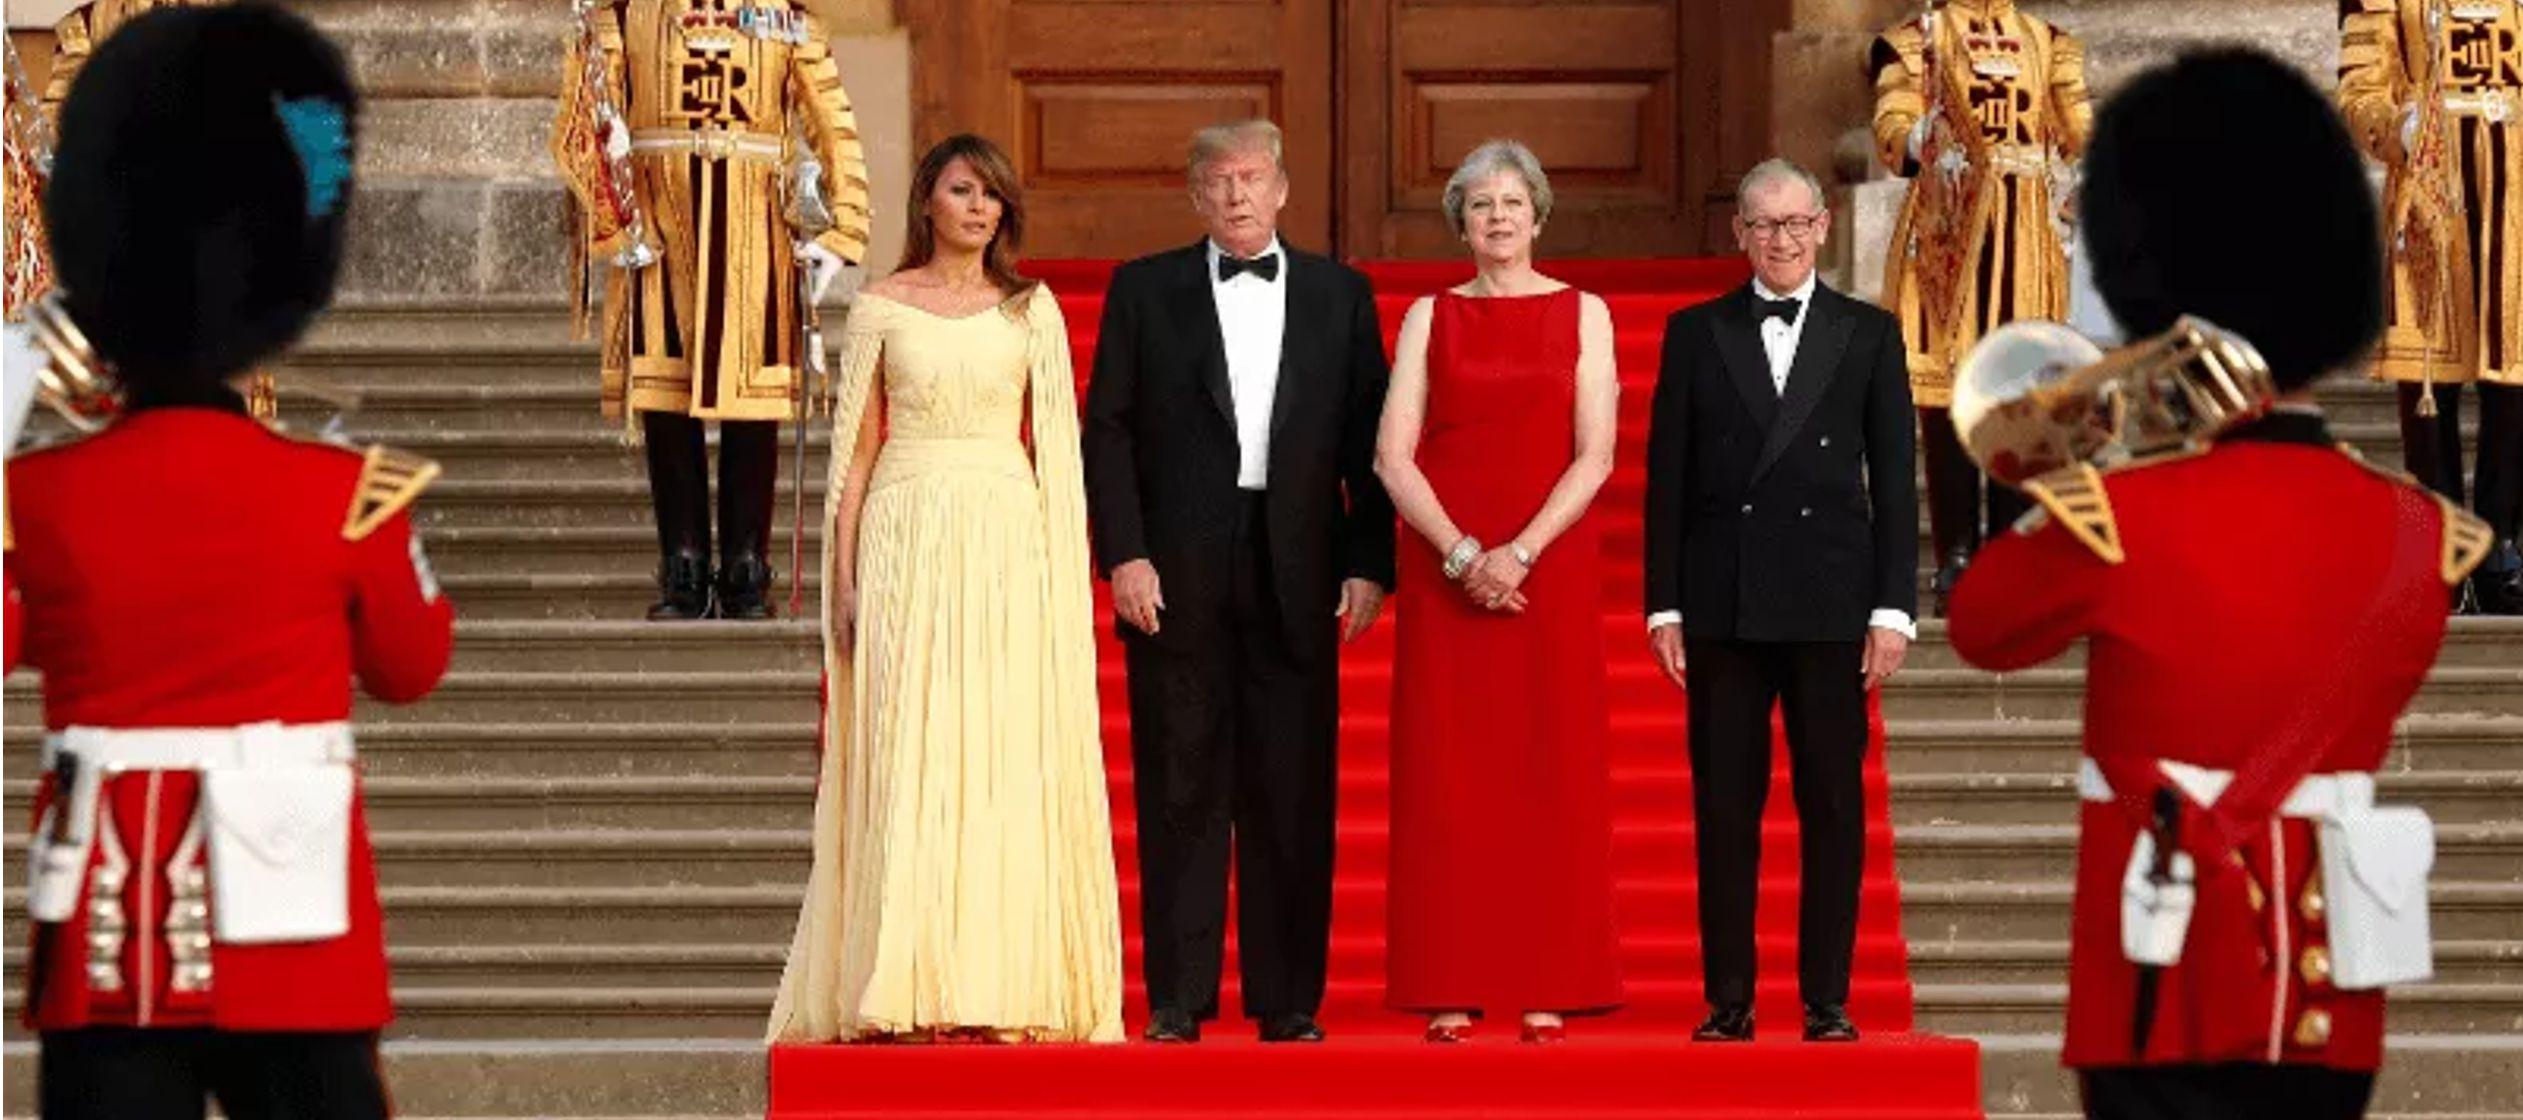 Posteriormente entraron al edificio para asistir a una cena de gala en la que más de un...